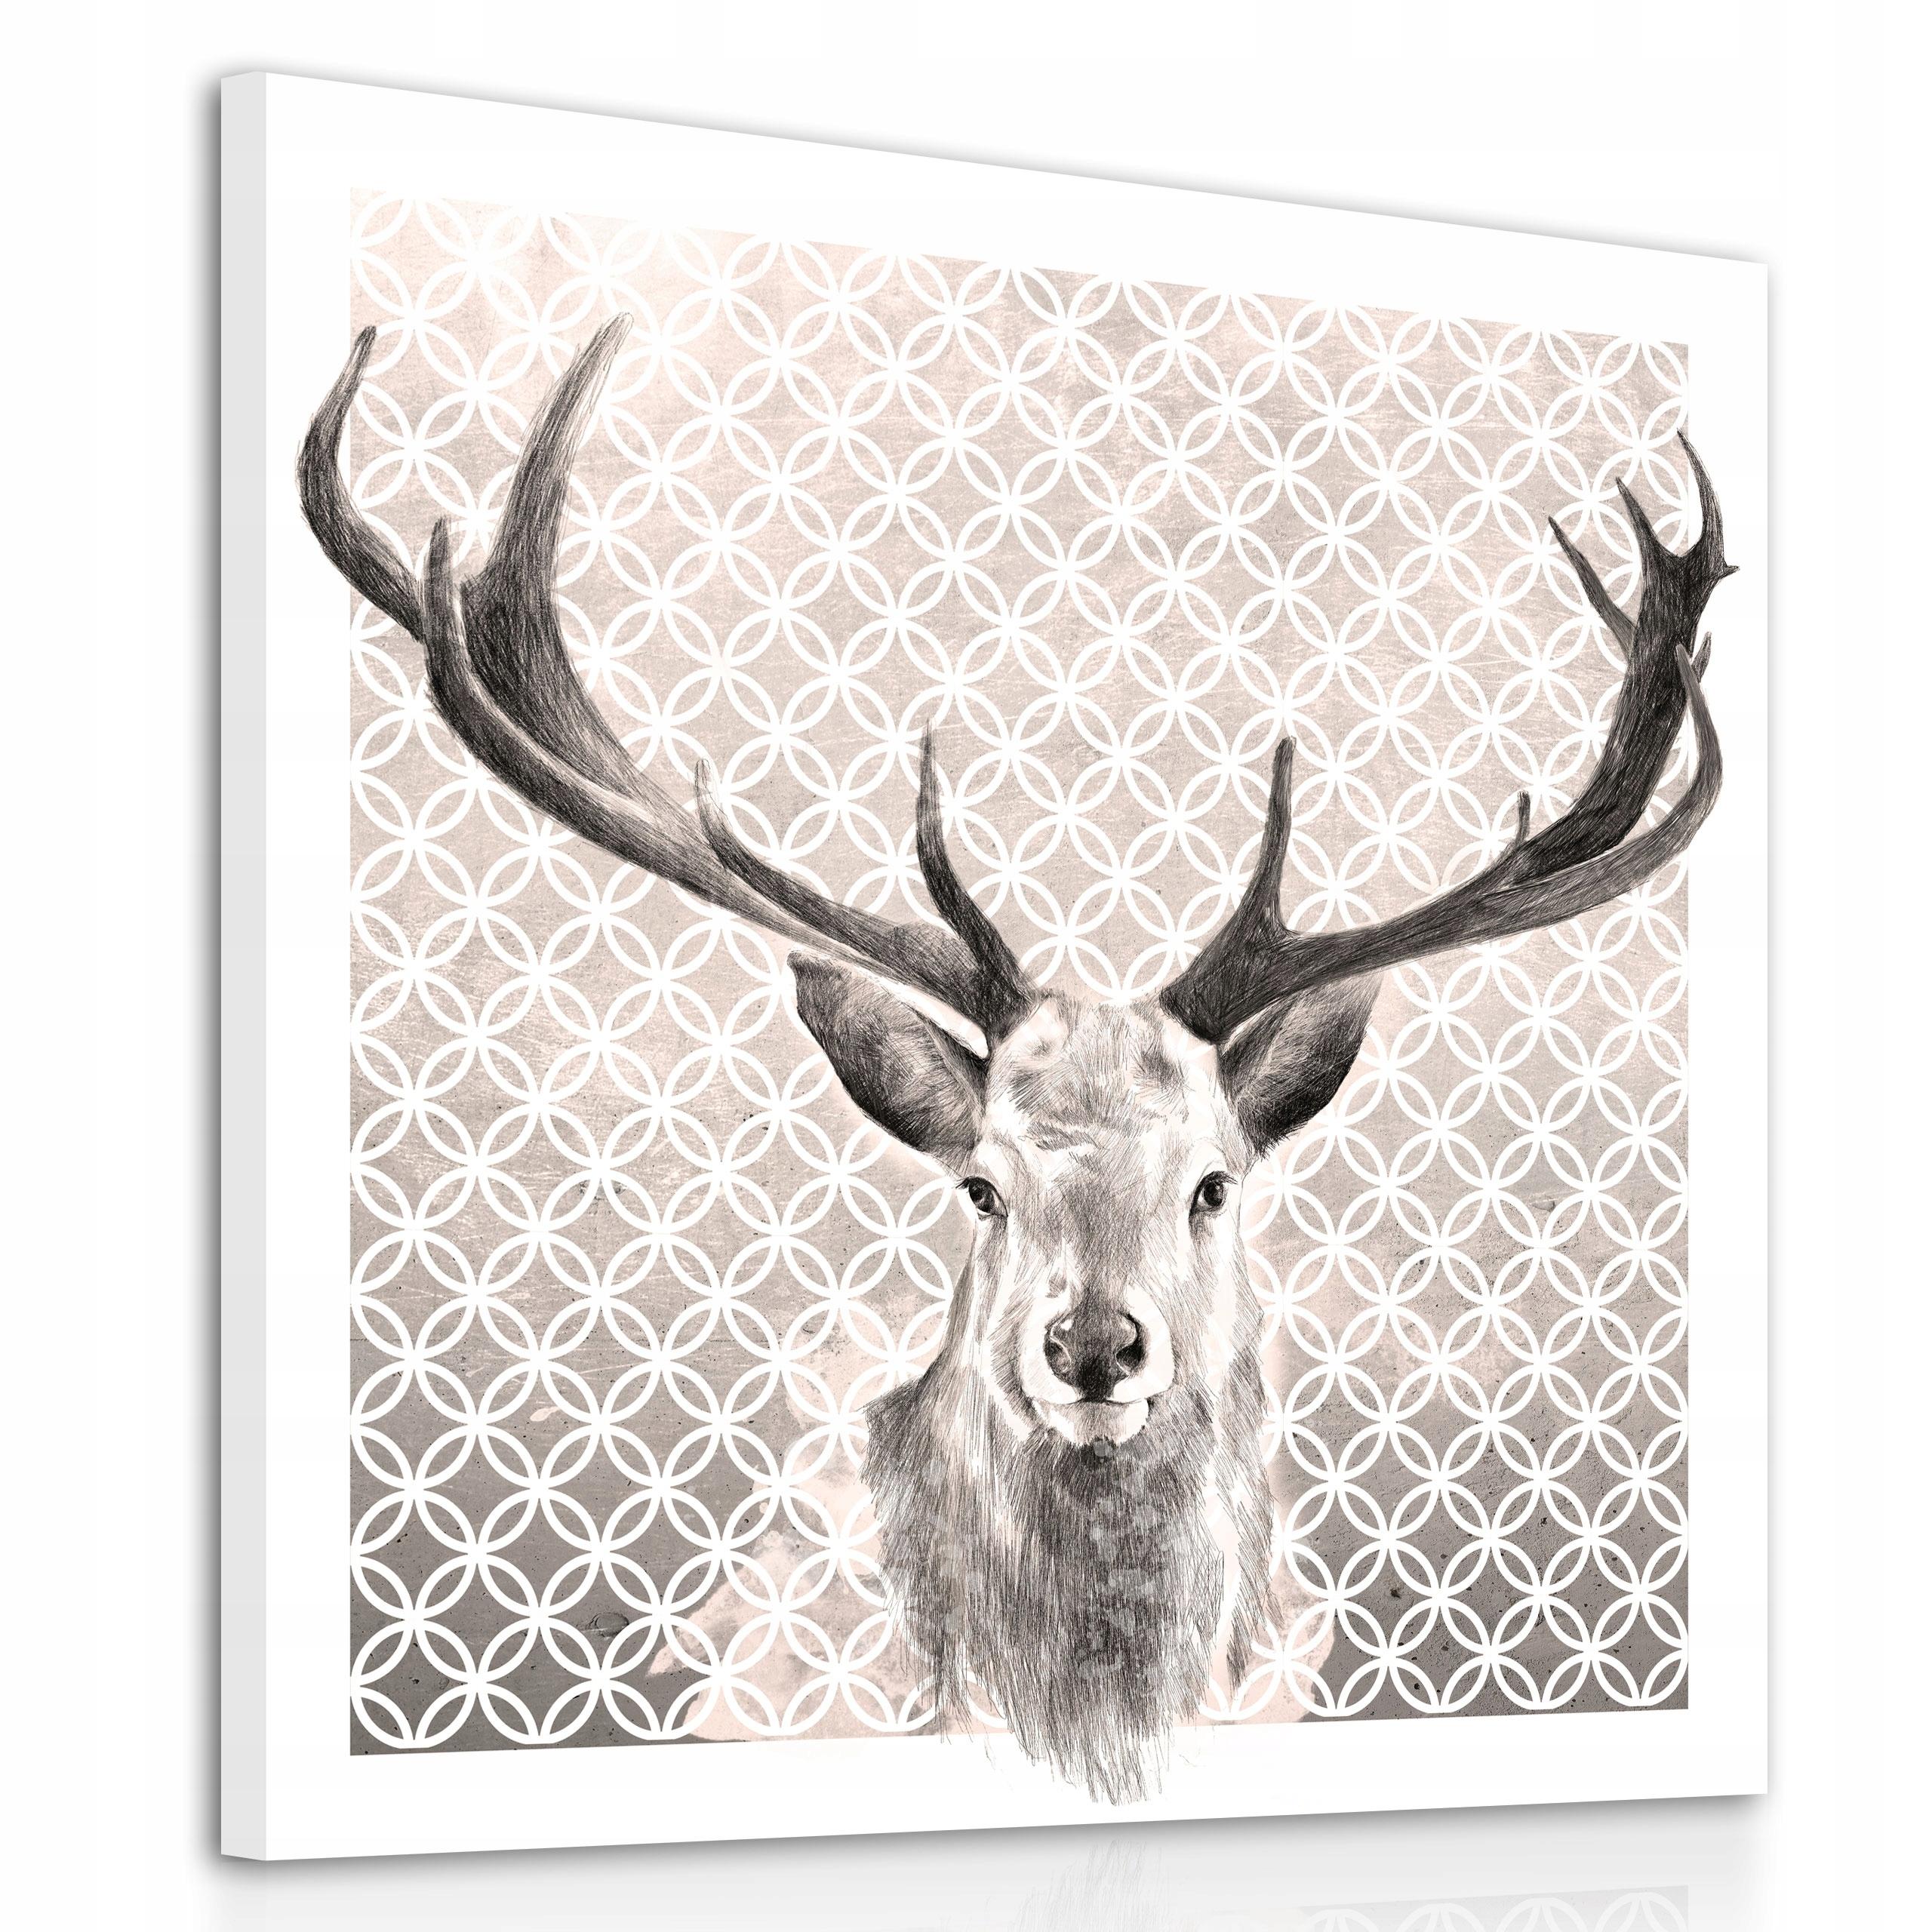 02121 plátno umenie JELEŇ VINTAGE 80x80cm